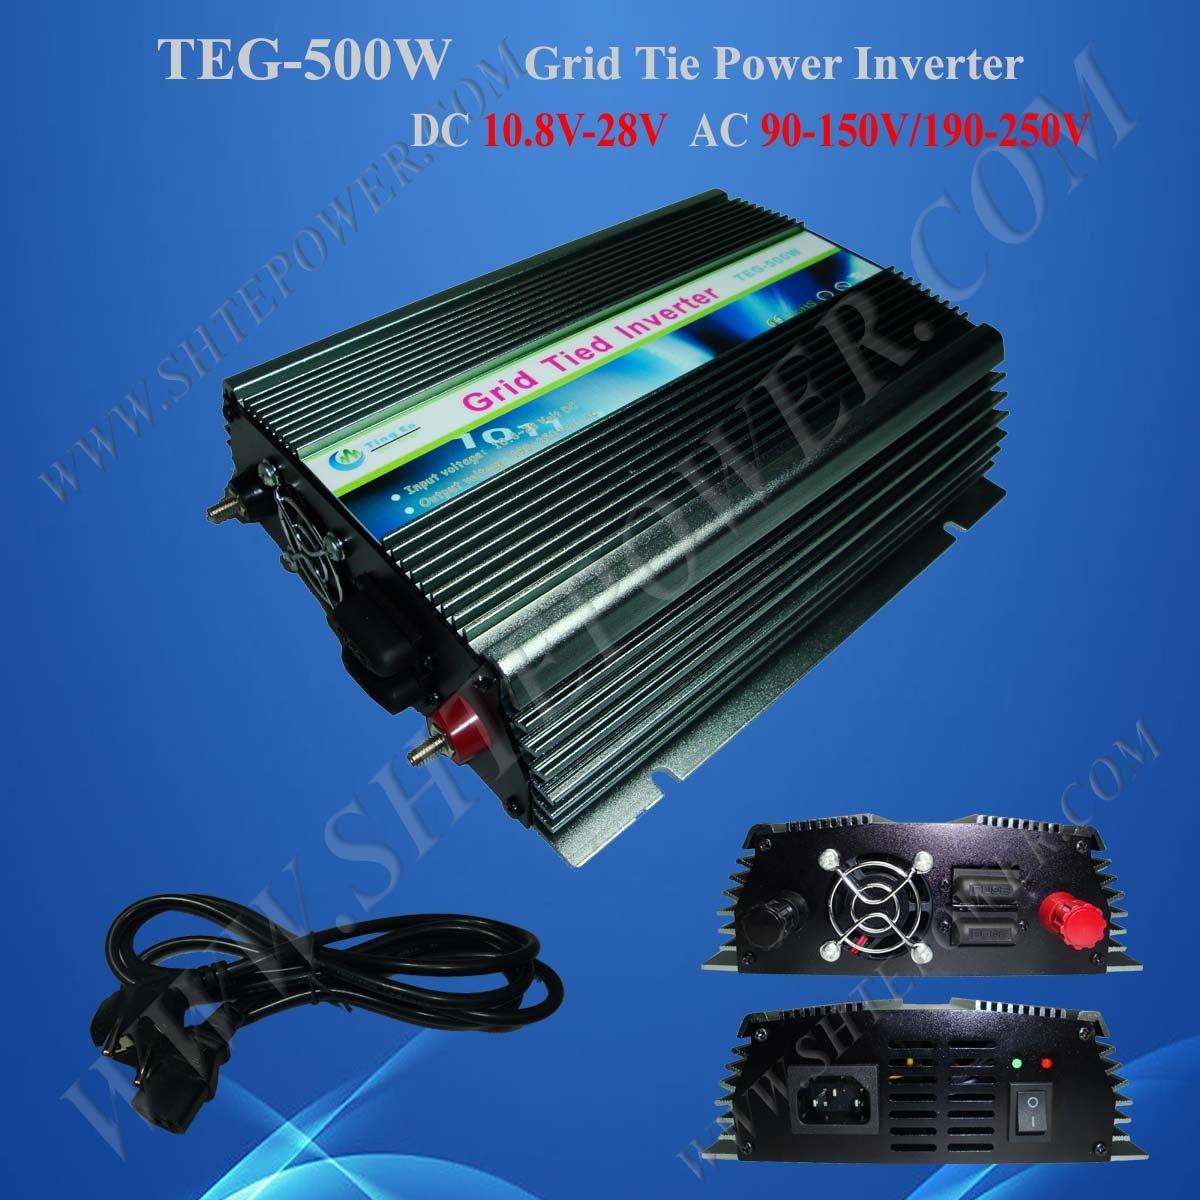 500W Grid Tie Solar Inverter for Home Use/ 10.8V-28V to 190V-250V/ Solar Power Inverter for Sale(China (Mainland))